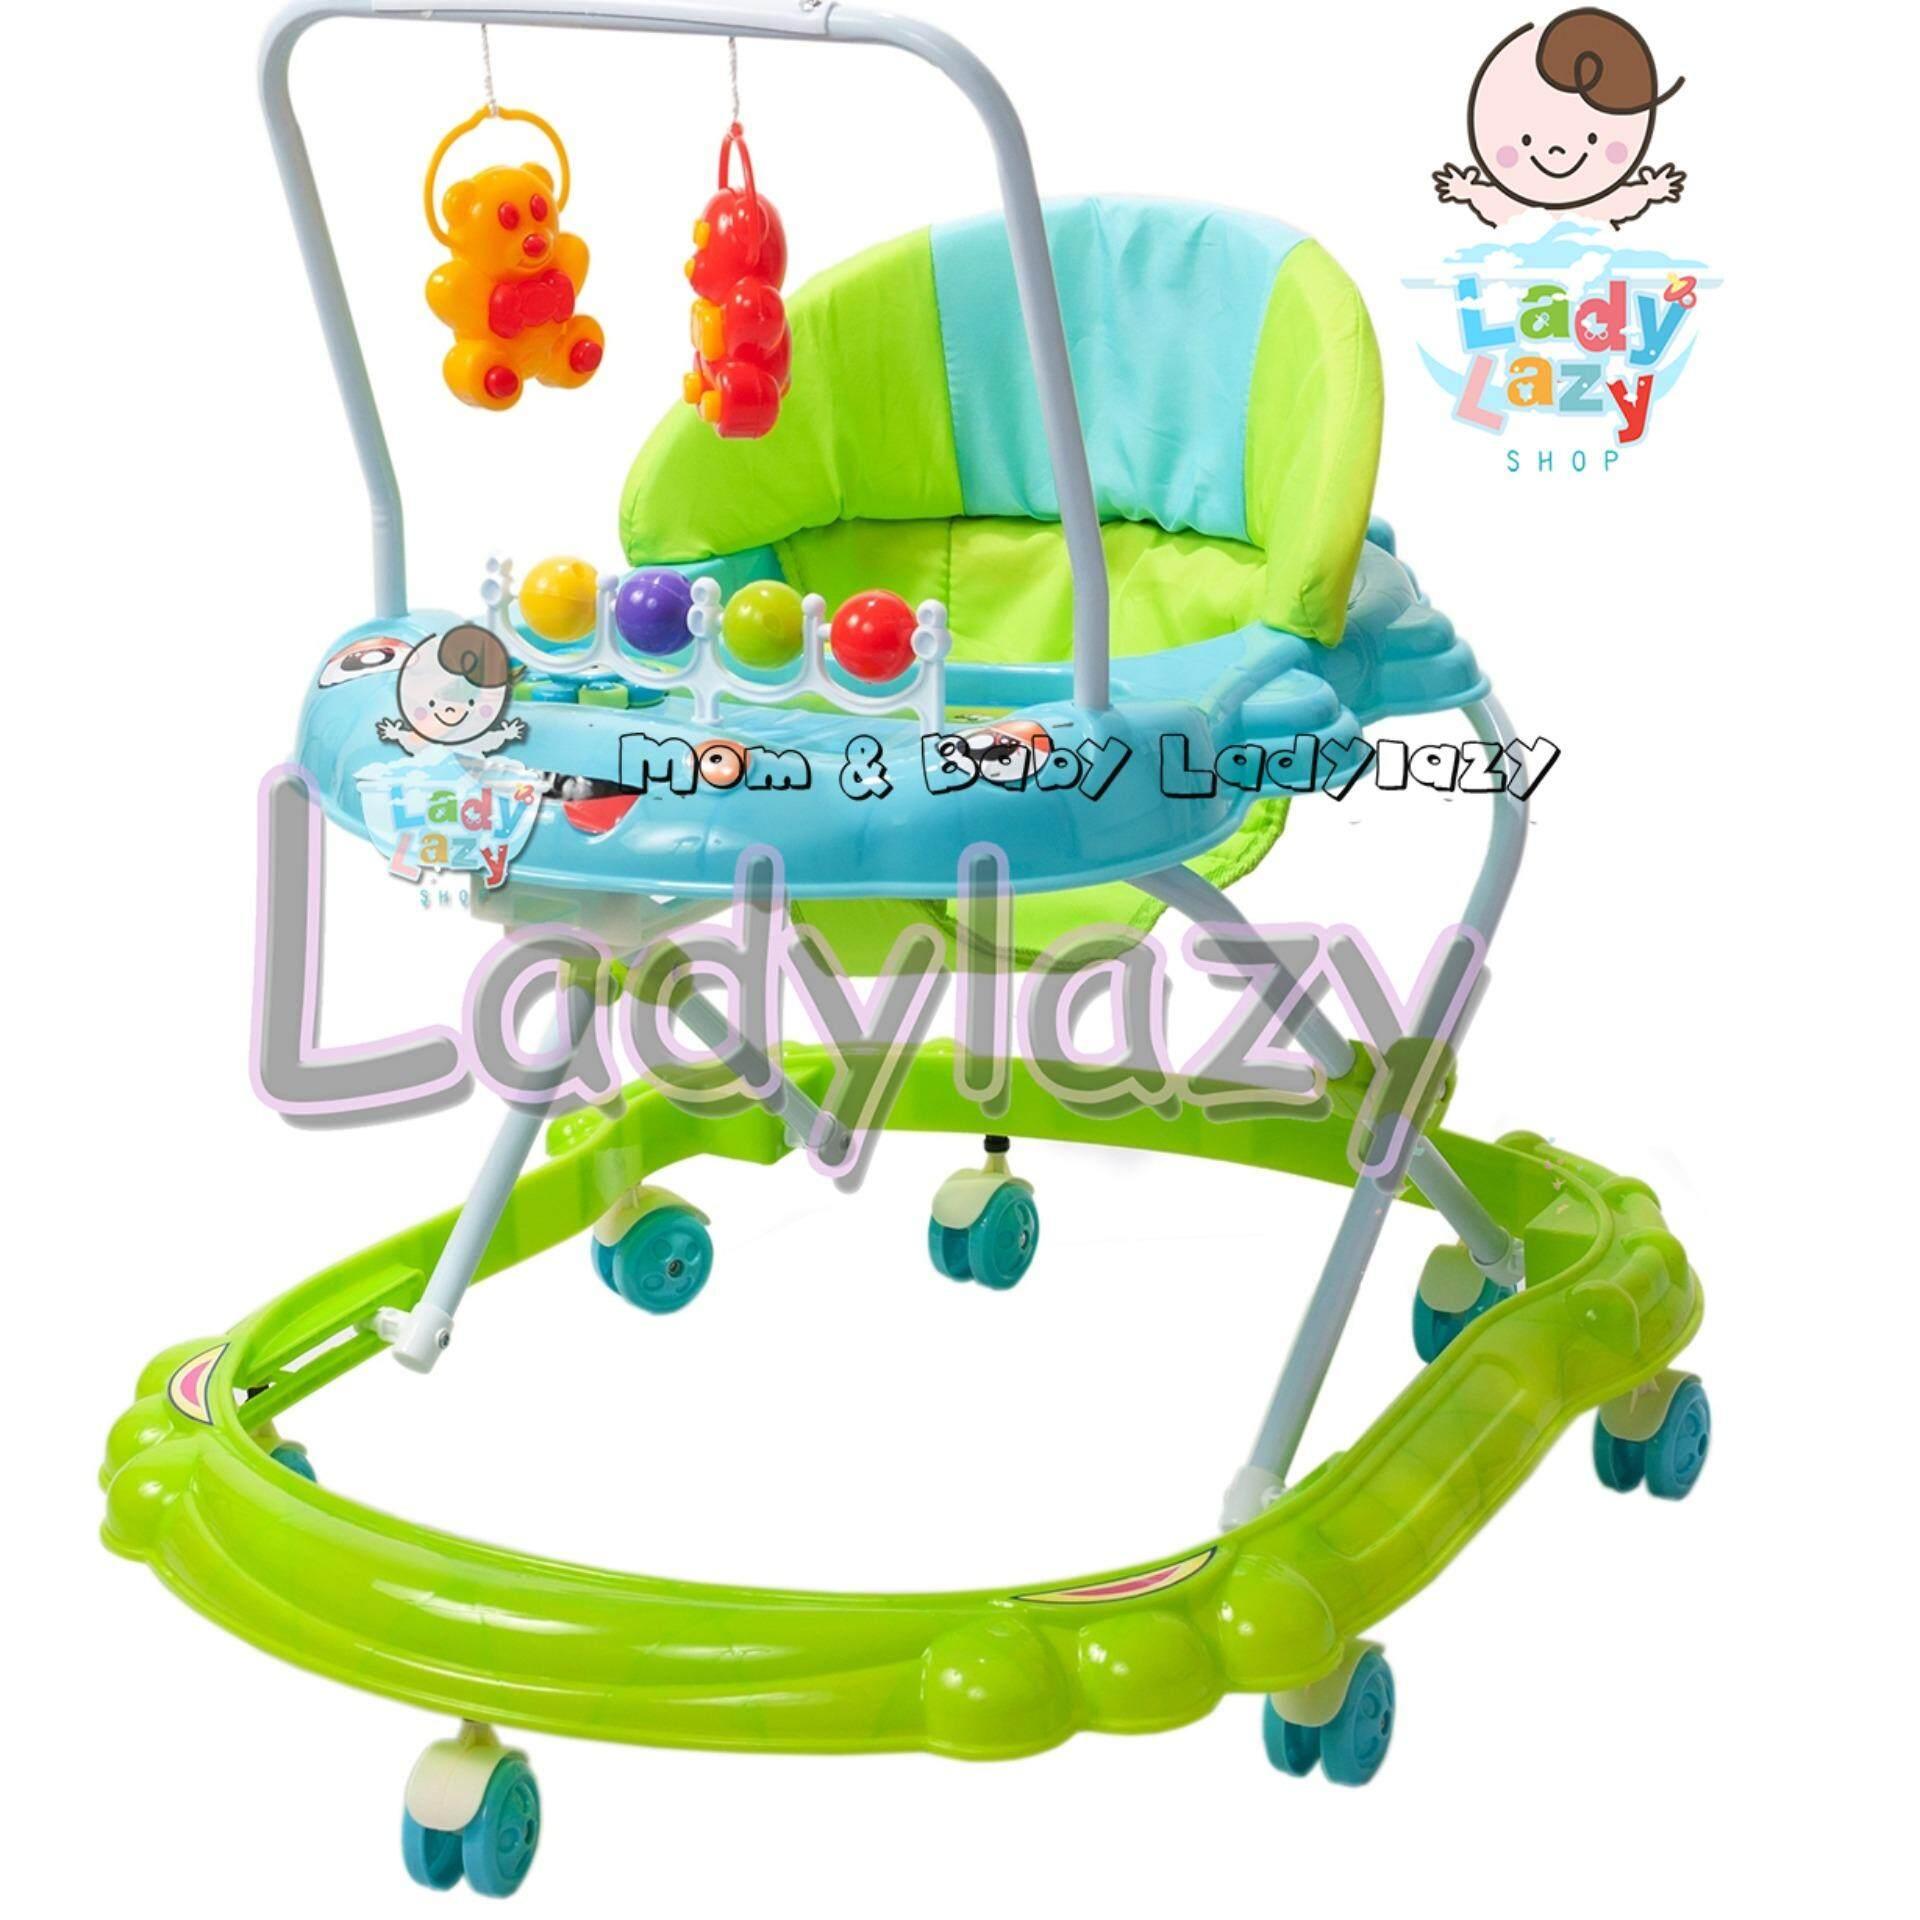 ซื้อที่ไหน ladylazy รถเด็กหัดเดินหน้าปู มีของเล่น+โมบาย+เสียงดนตรี ปรับได้ 3 ระดับ สีเขียว